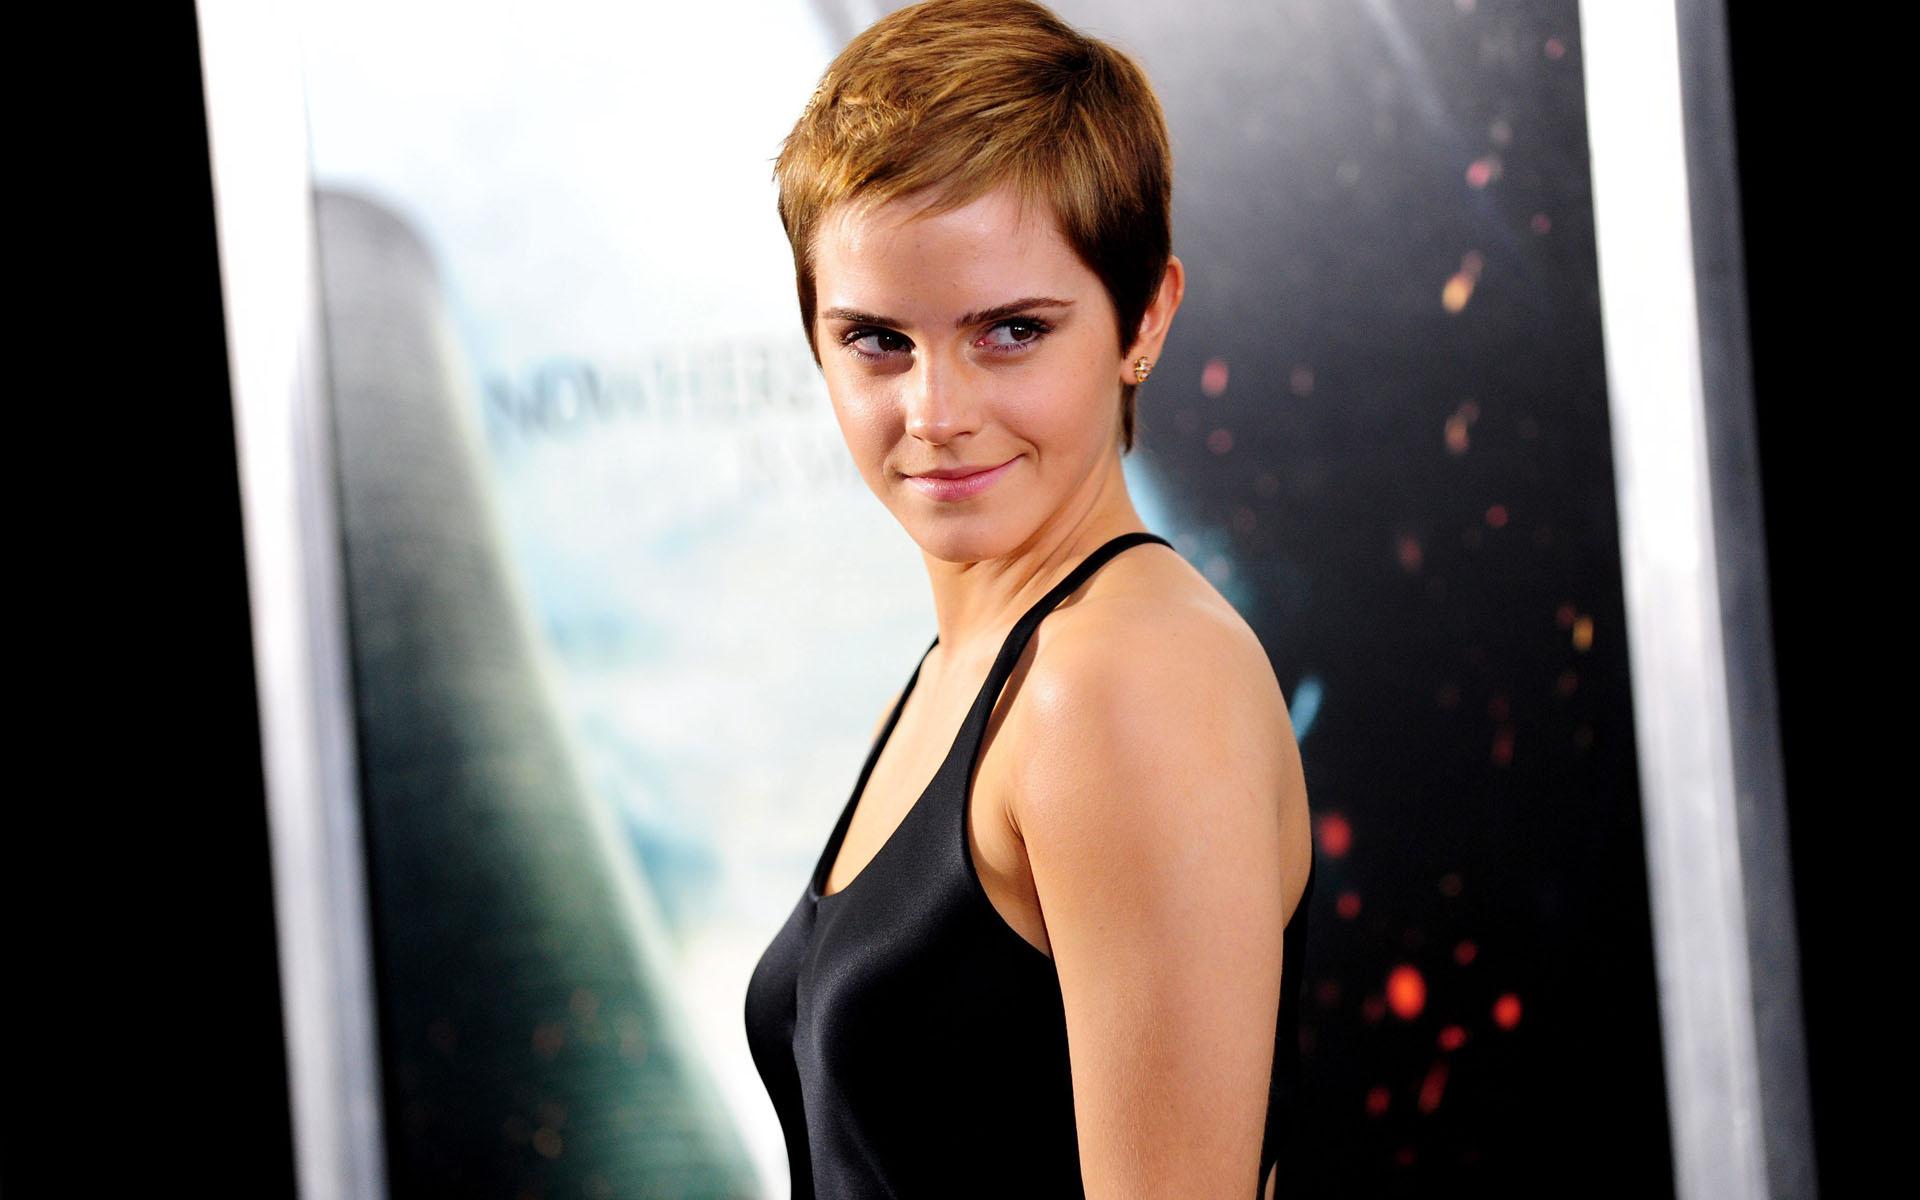 Emma Watson con cabello corto - 1920x1200